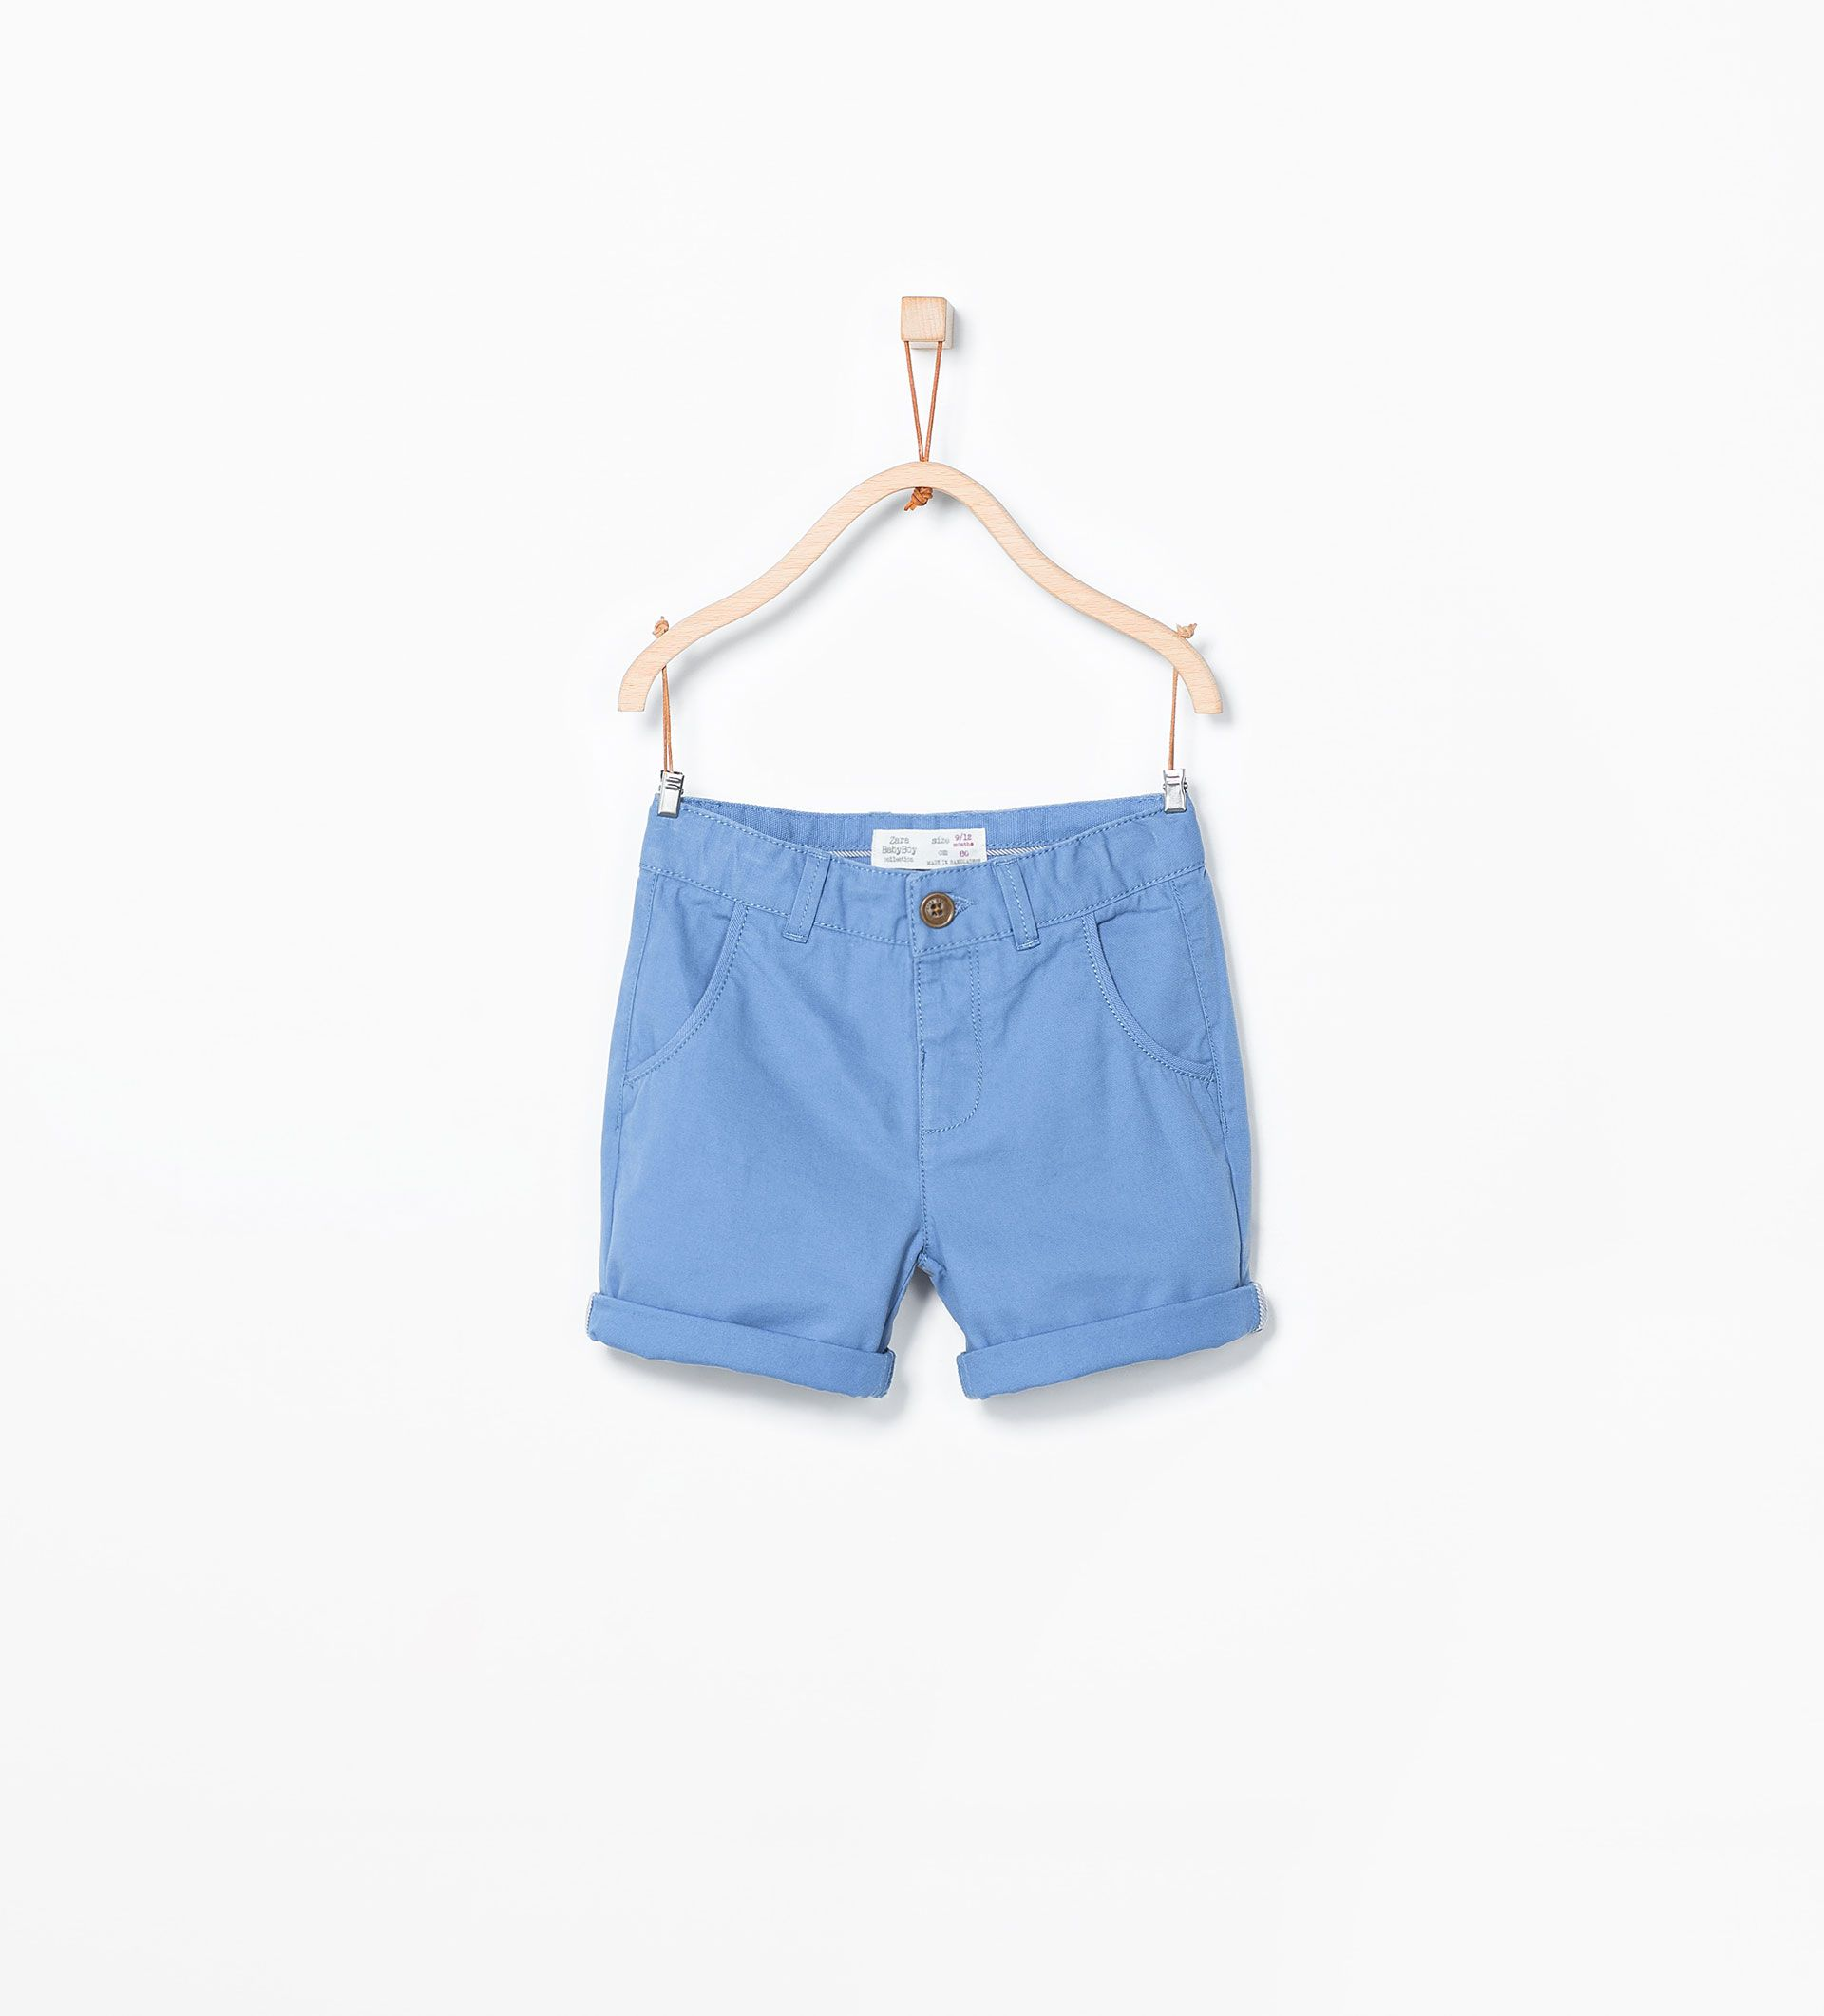 Bermudy Z Kolekcji Basic Bermudas Niemowle Chlopiec Dzieci Wyprzedaz Basic Shorts Zara Zara Boys